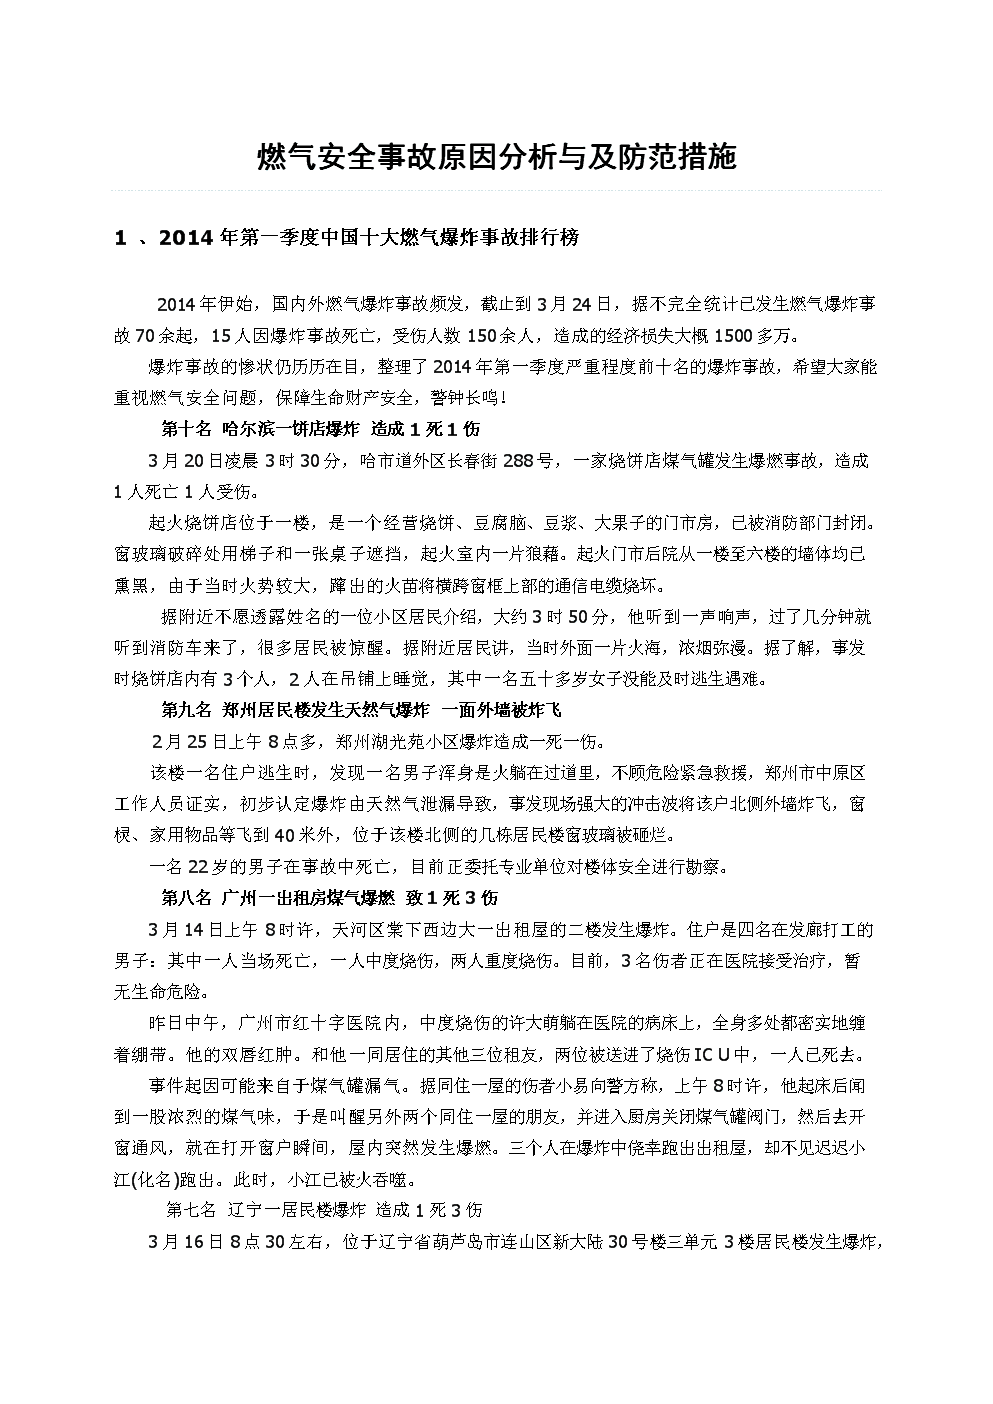 燃气安全事故原因分析与及防范措施.doc